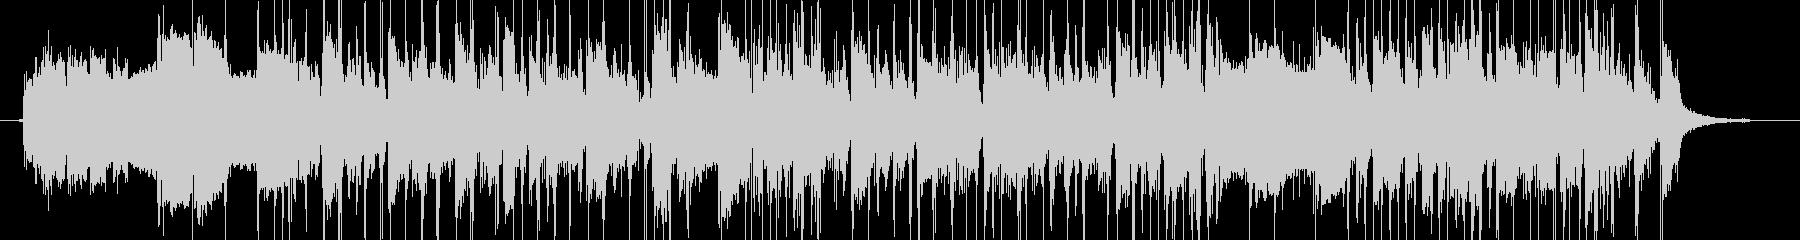 ロックベースサウンドの転換ジングルの未再生の波形